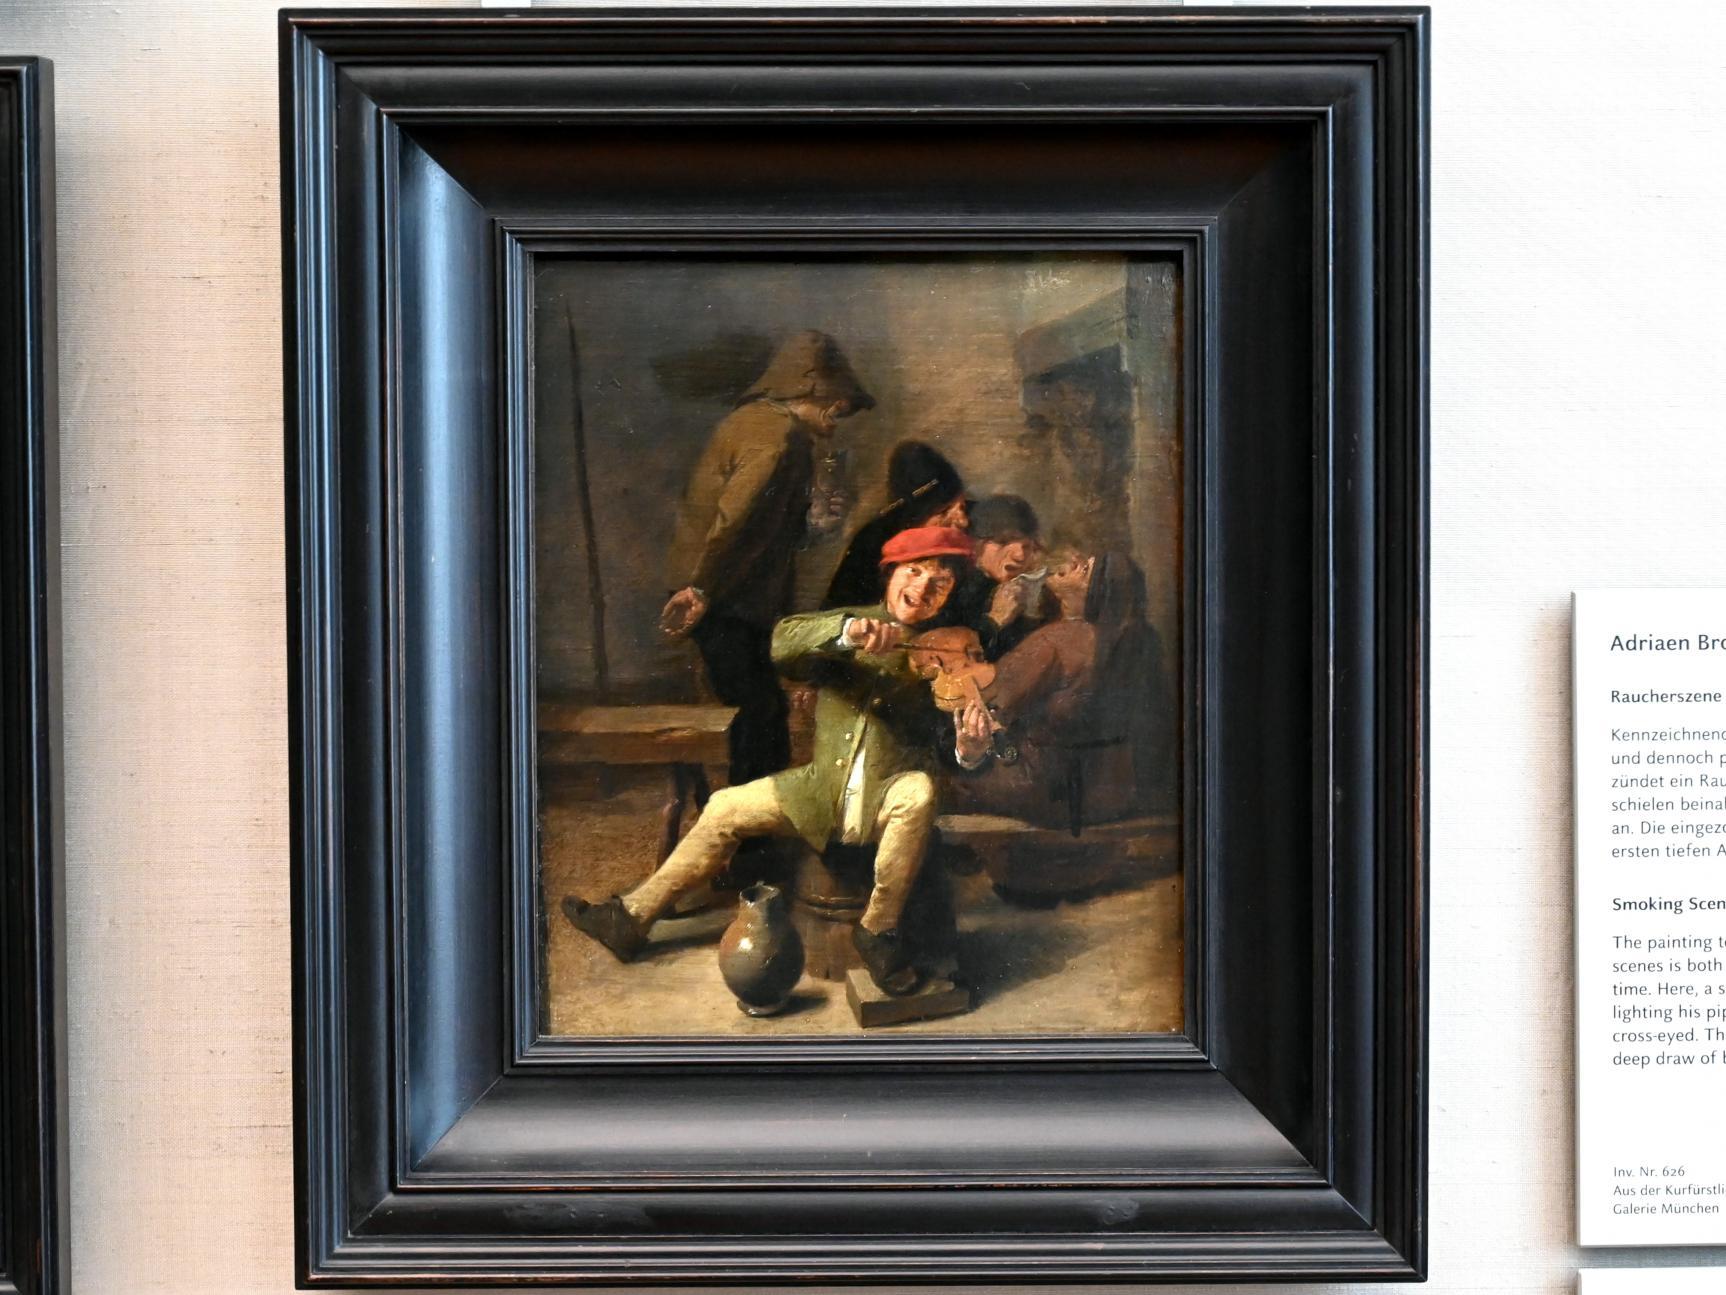 Adriaen Brouwer: Dorfmusikanten (Das Gehör), 1625 - 1638